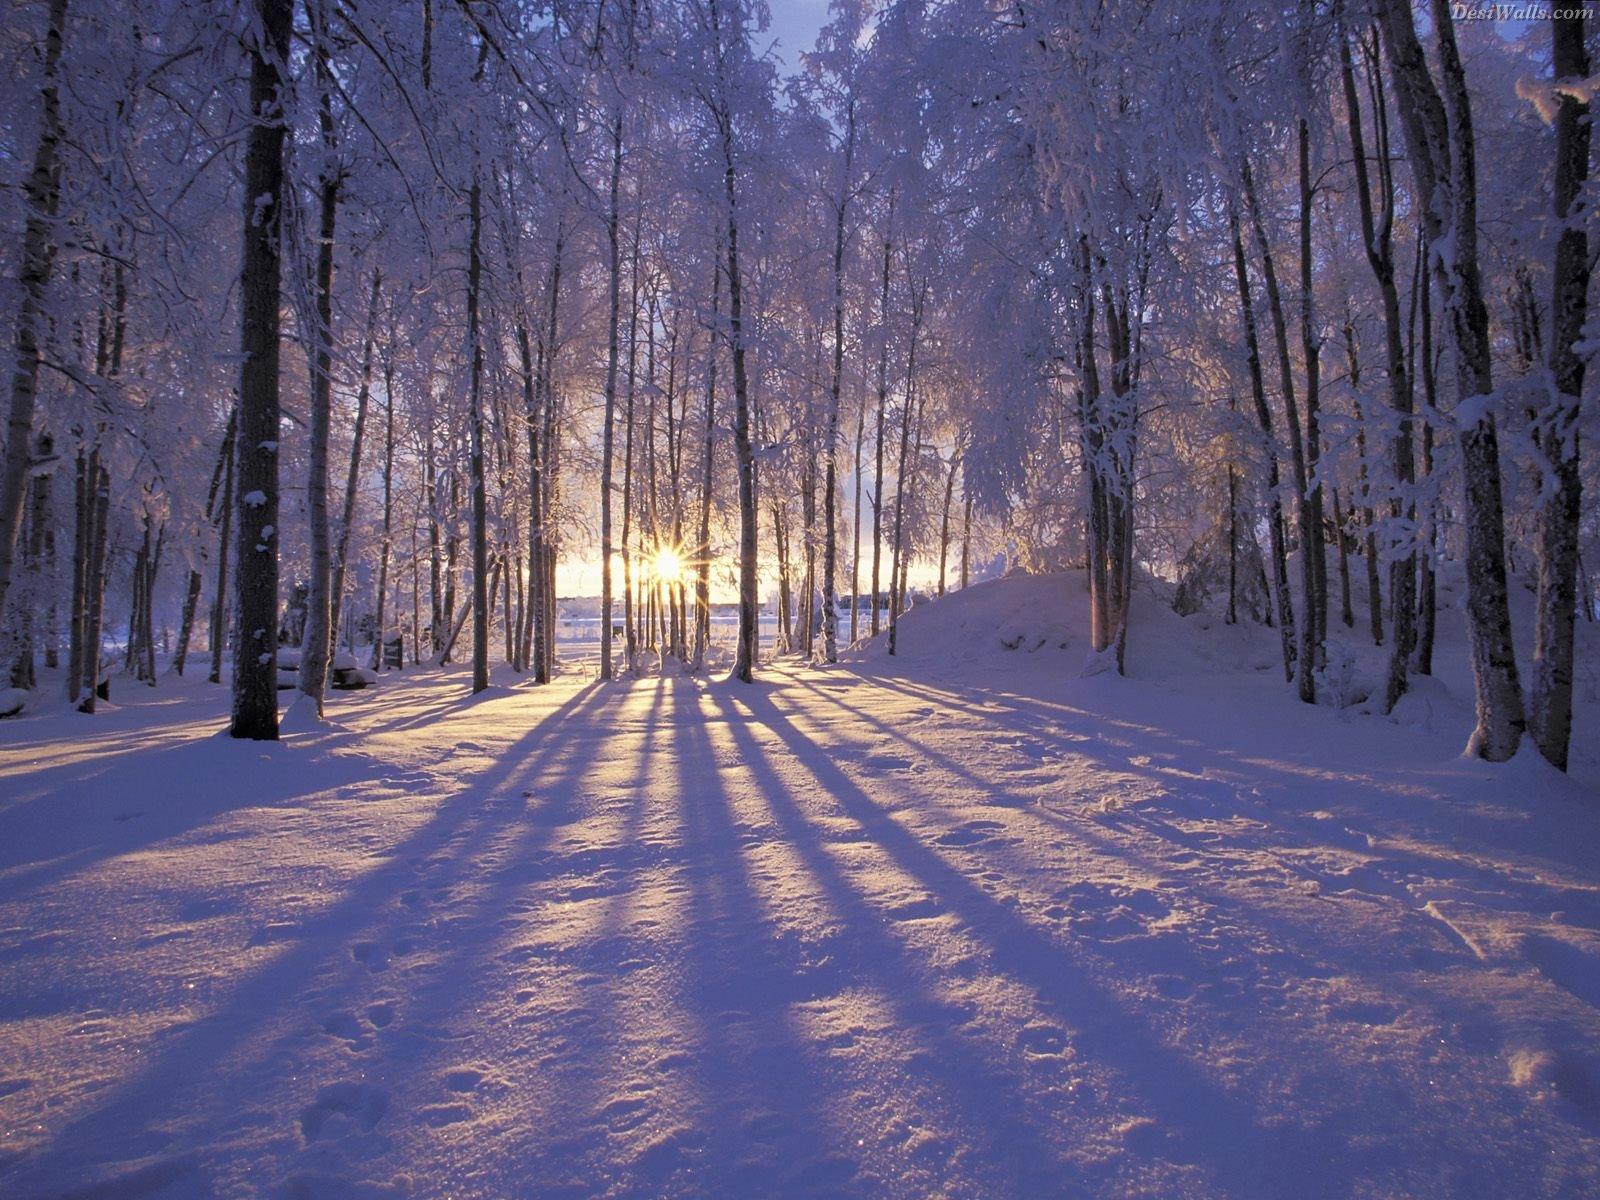 http://1.bp.blogspot.com/-8EOKqZWXOu8/TsW7Vp0hLsI/AAAAAAAAALA/BF4dPOdBeAI/s1600/winter-sunset-alaska.jpg